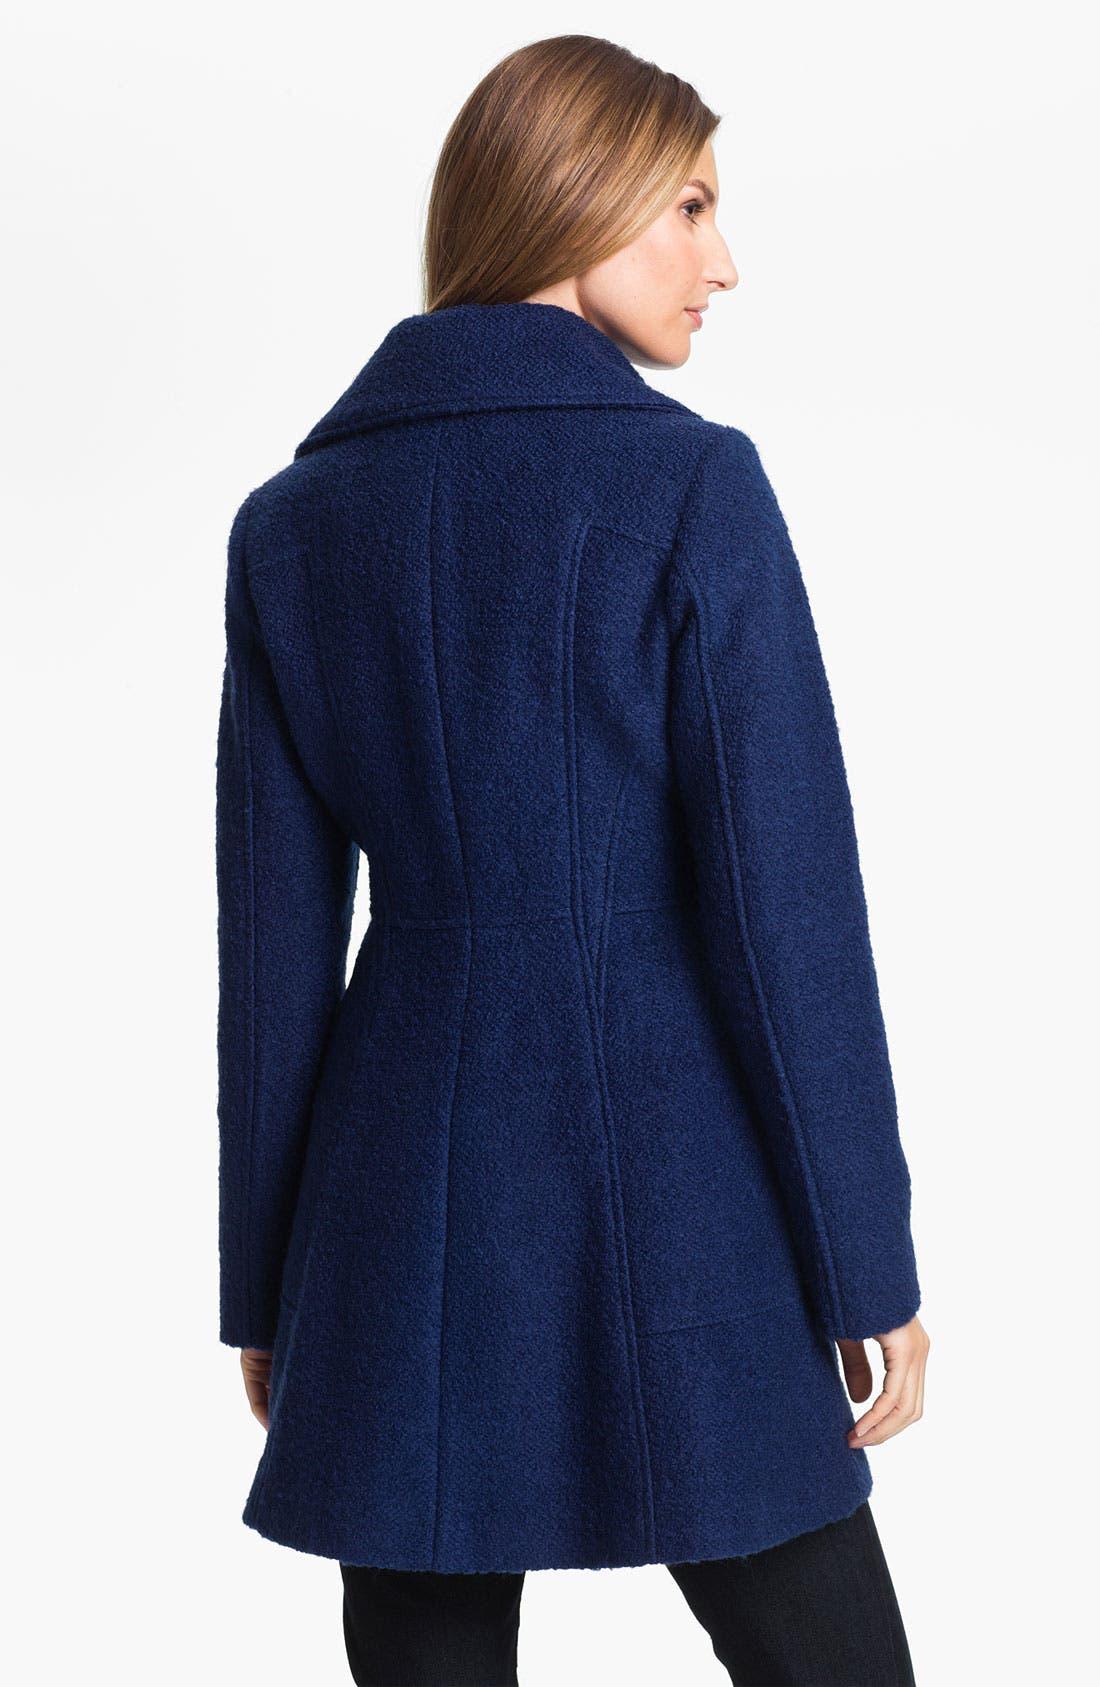 Alternate Image 2  - GUESS Bouclé Walking Coat (Petite) (Online Exclusive)